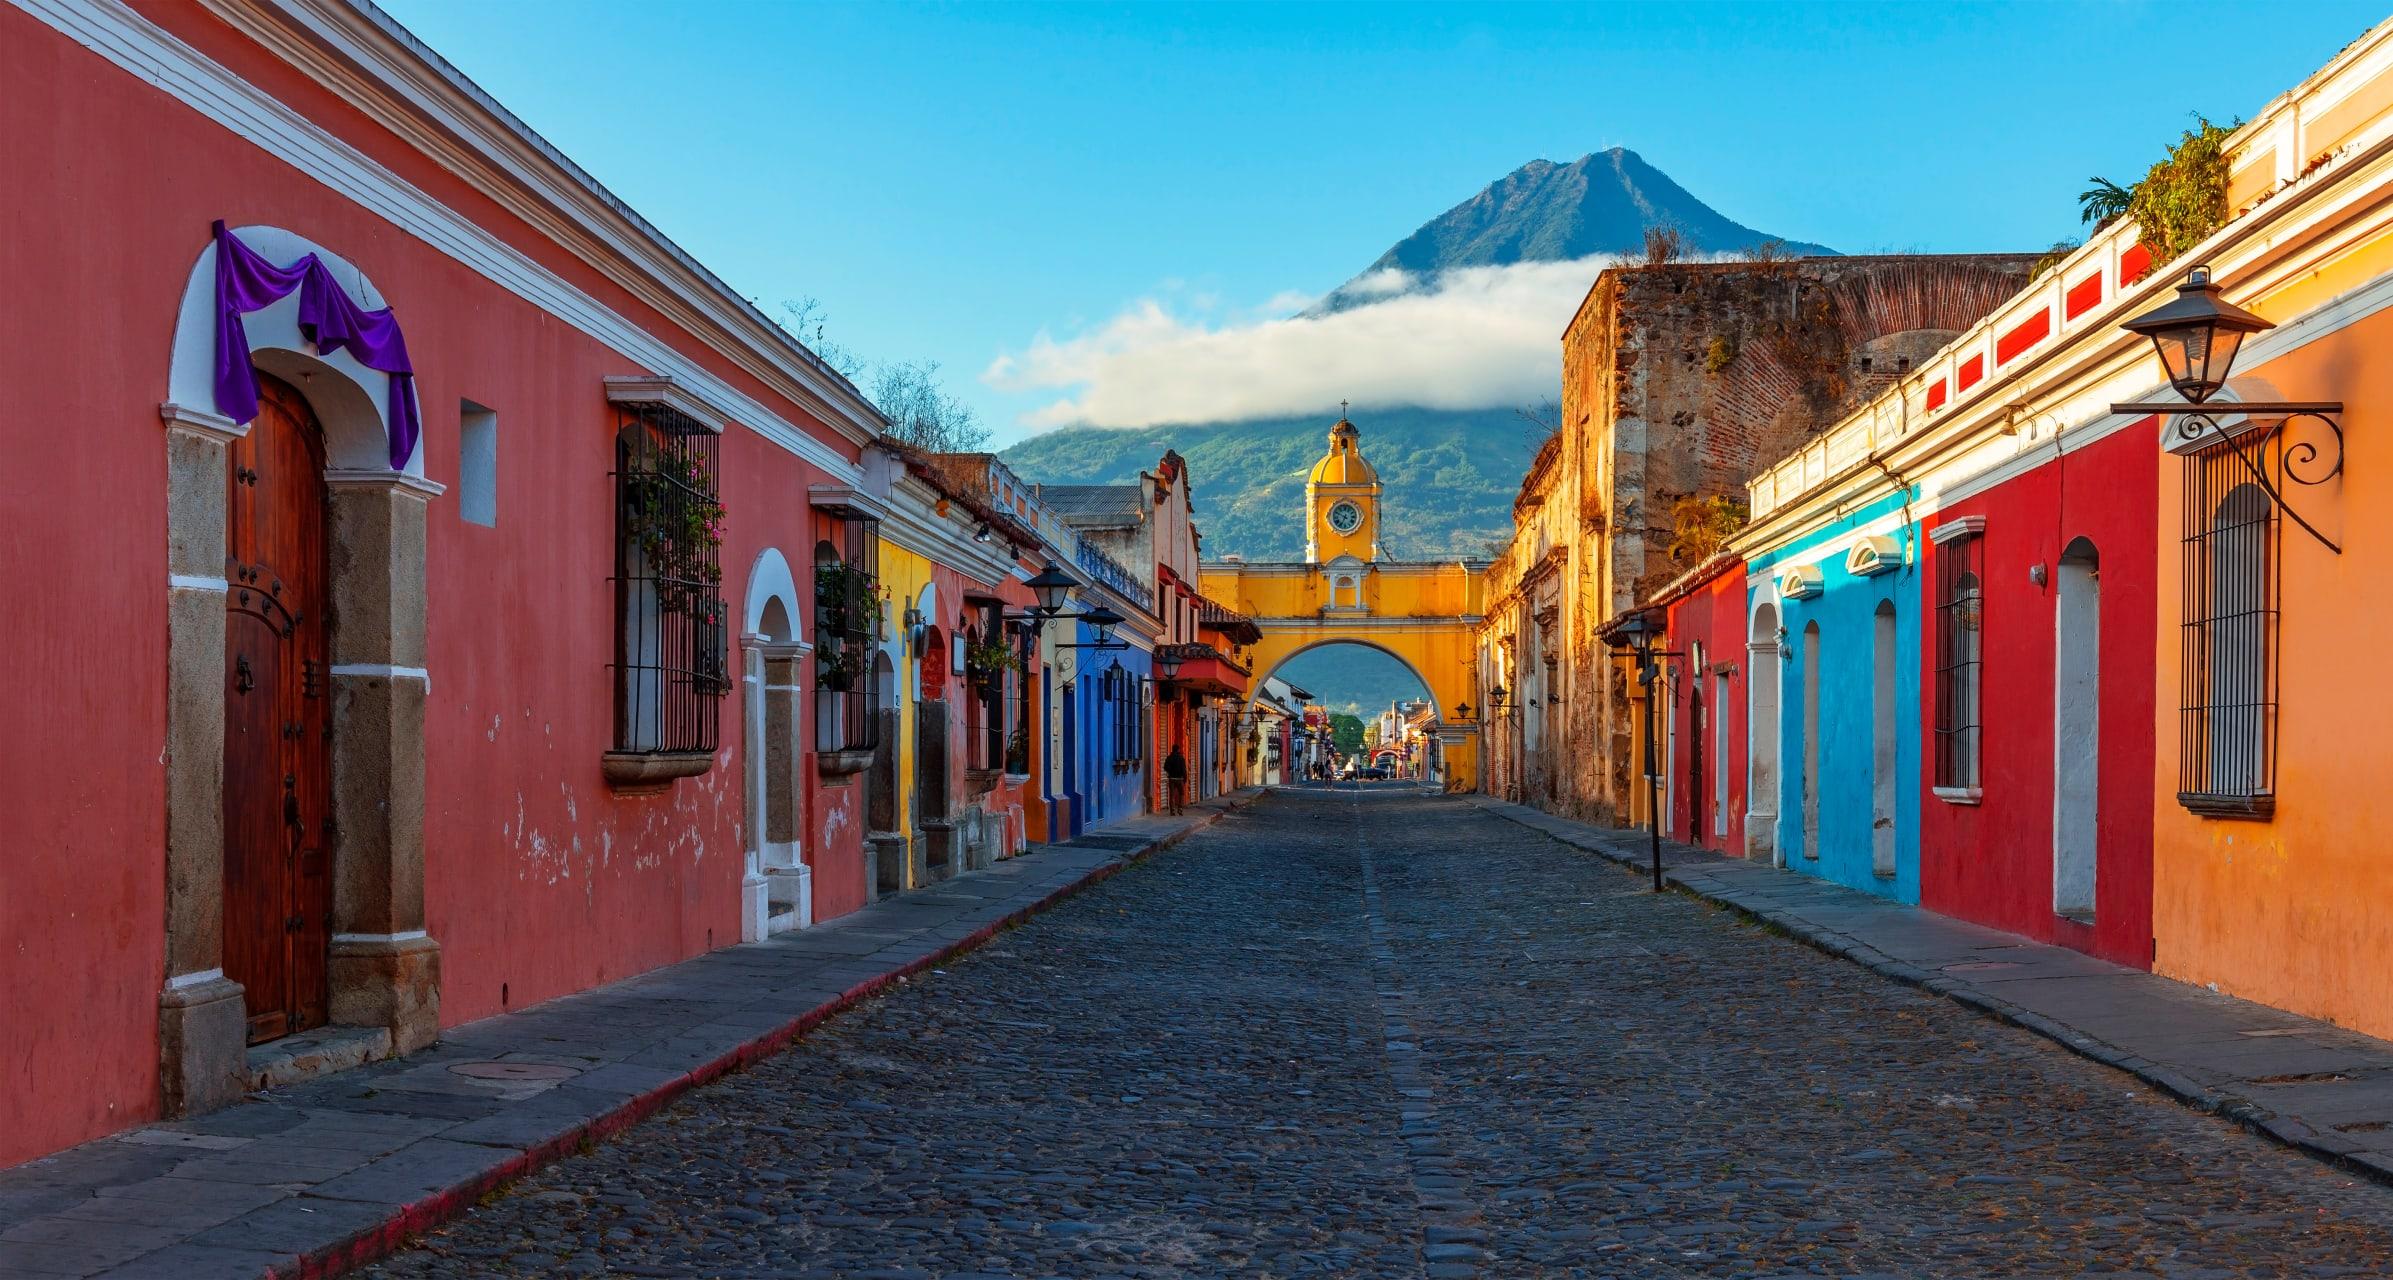 Antigua cover image